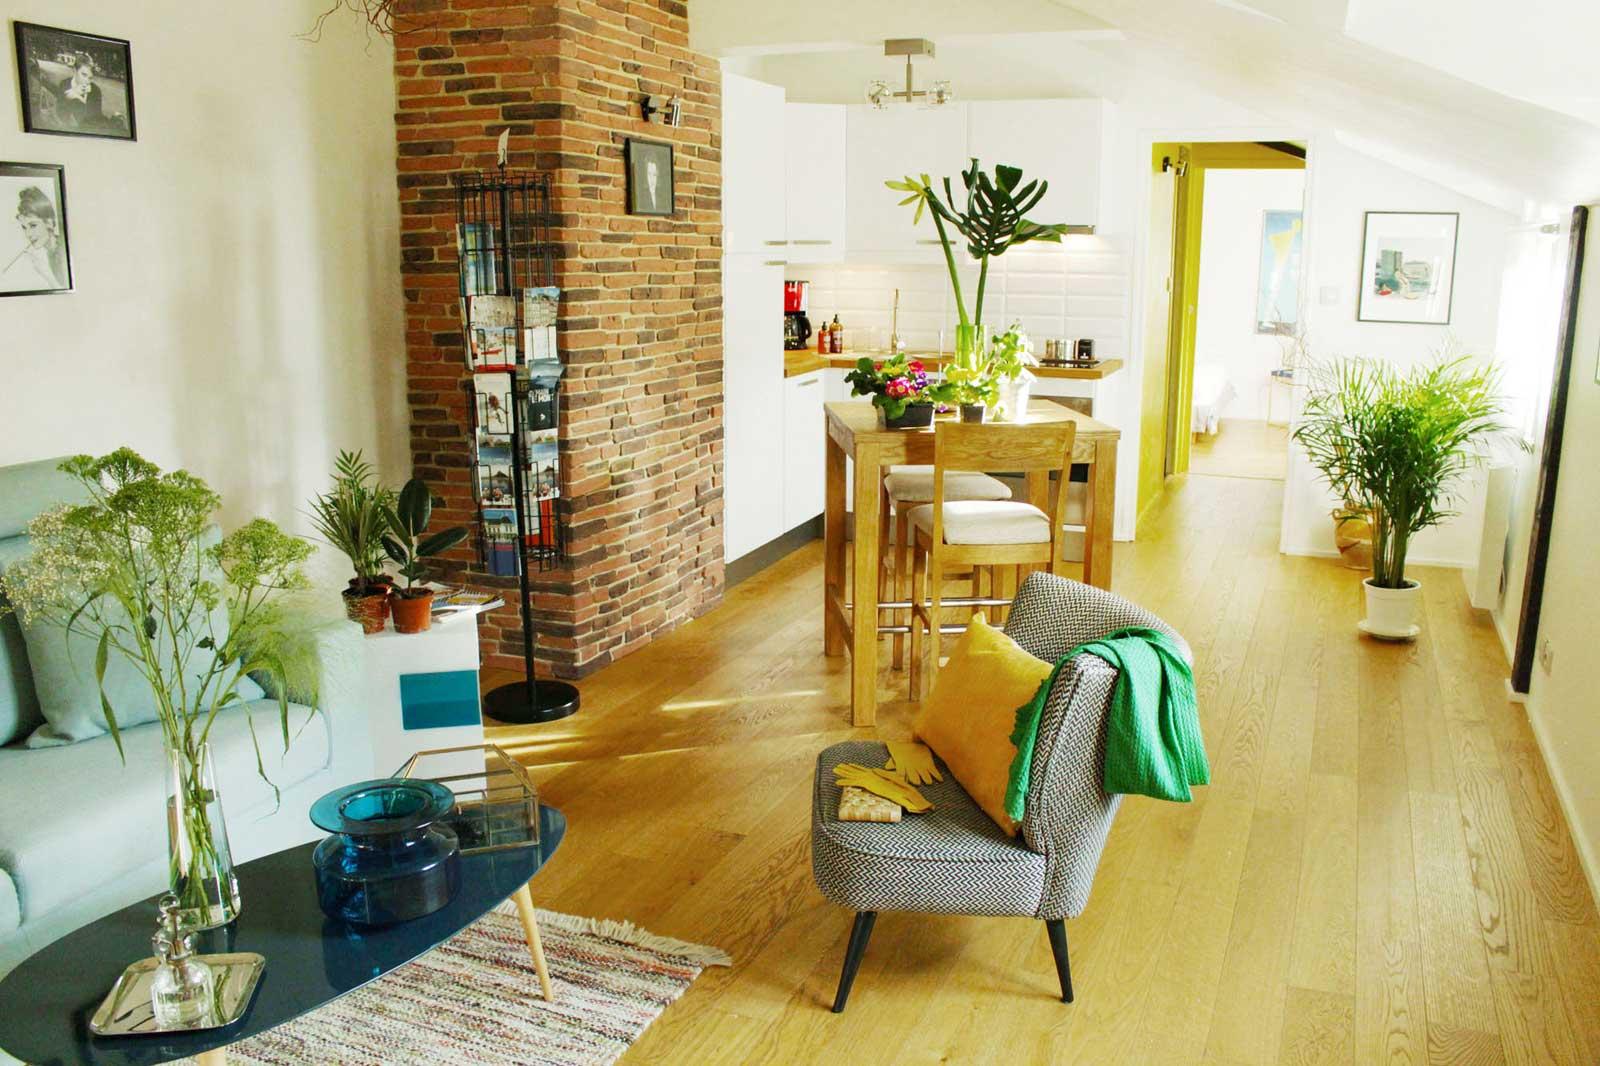 Appartement Meublé Rennes Centre Ville (Bretagne) - Le destiné Location Meublé Rennes